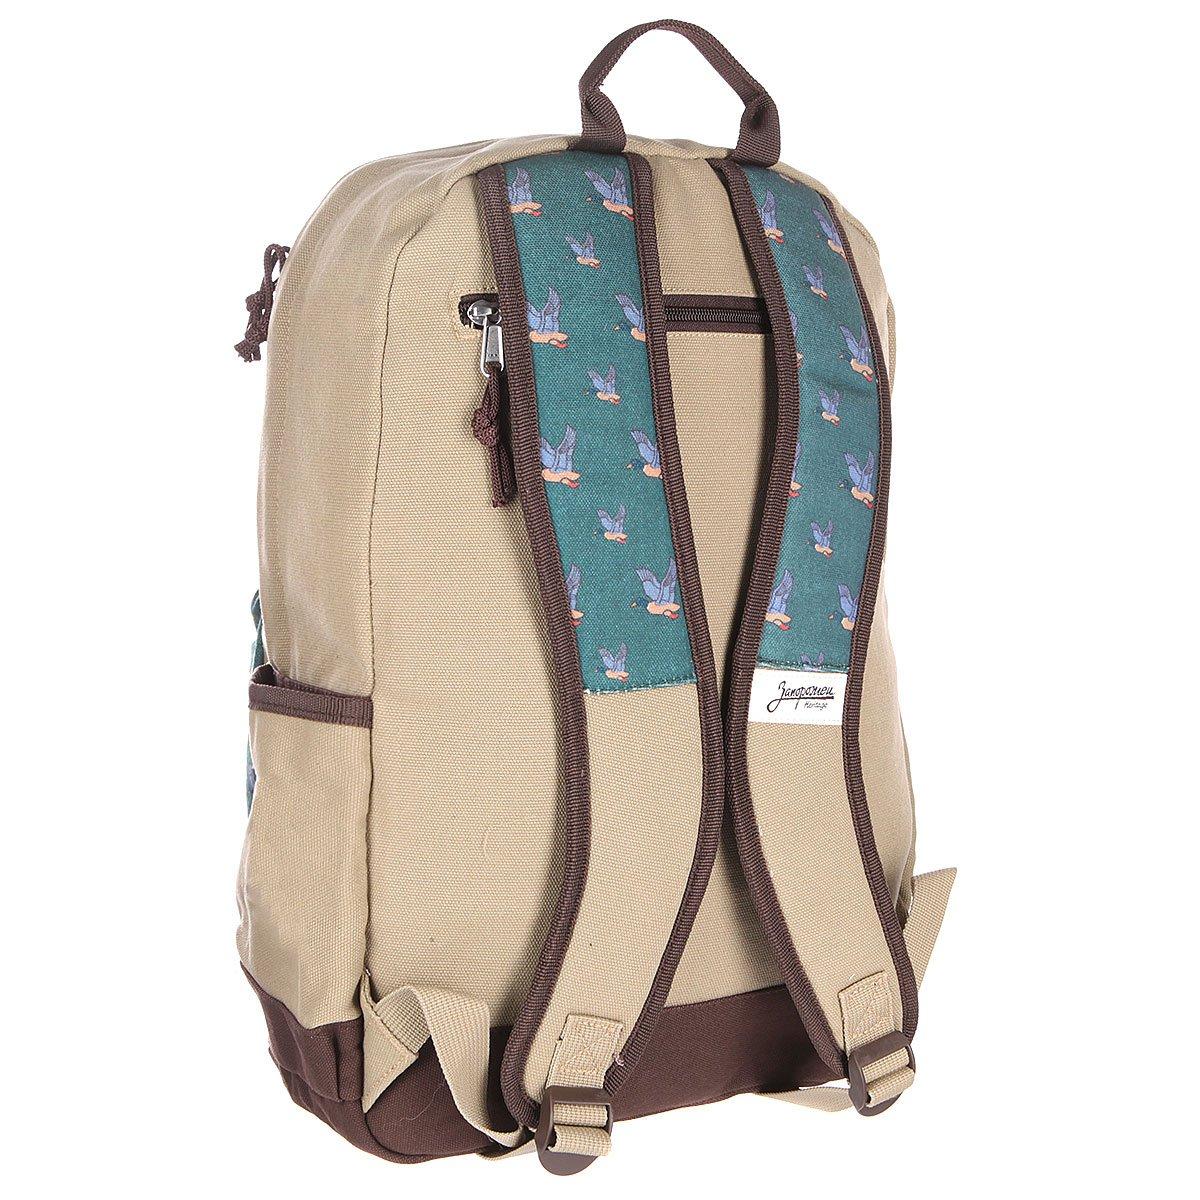 cb7d0055dd78 Купить рюкзак городской запорожец запорожец дичь Green/Beige в ...